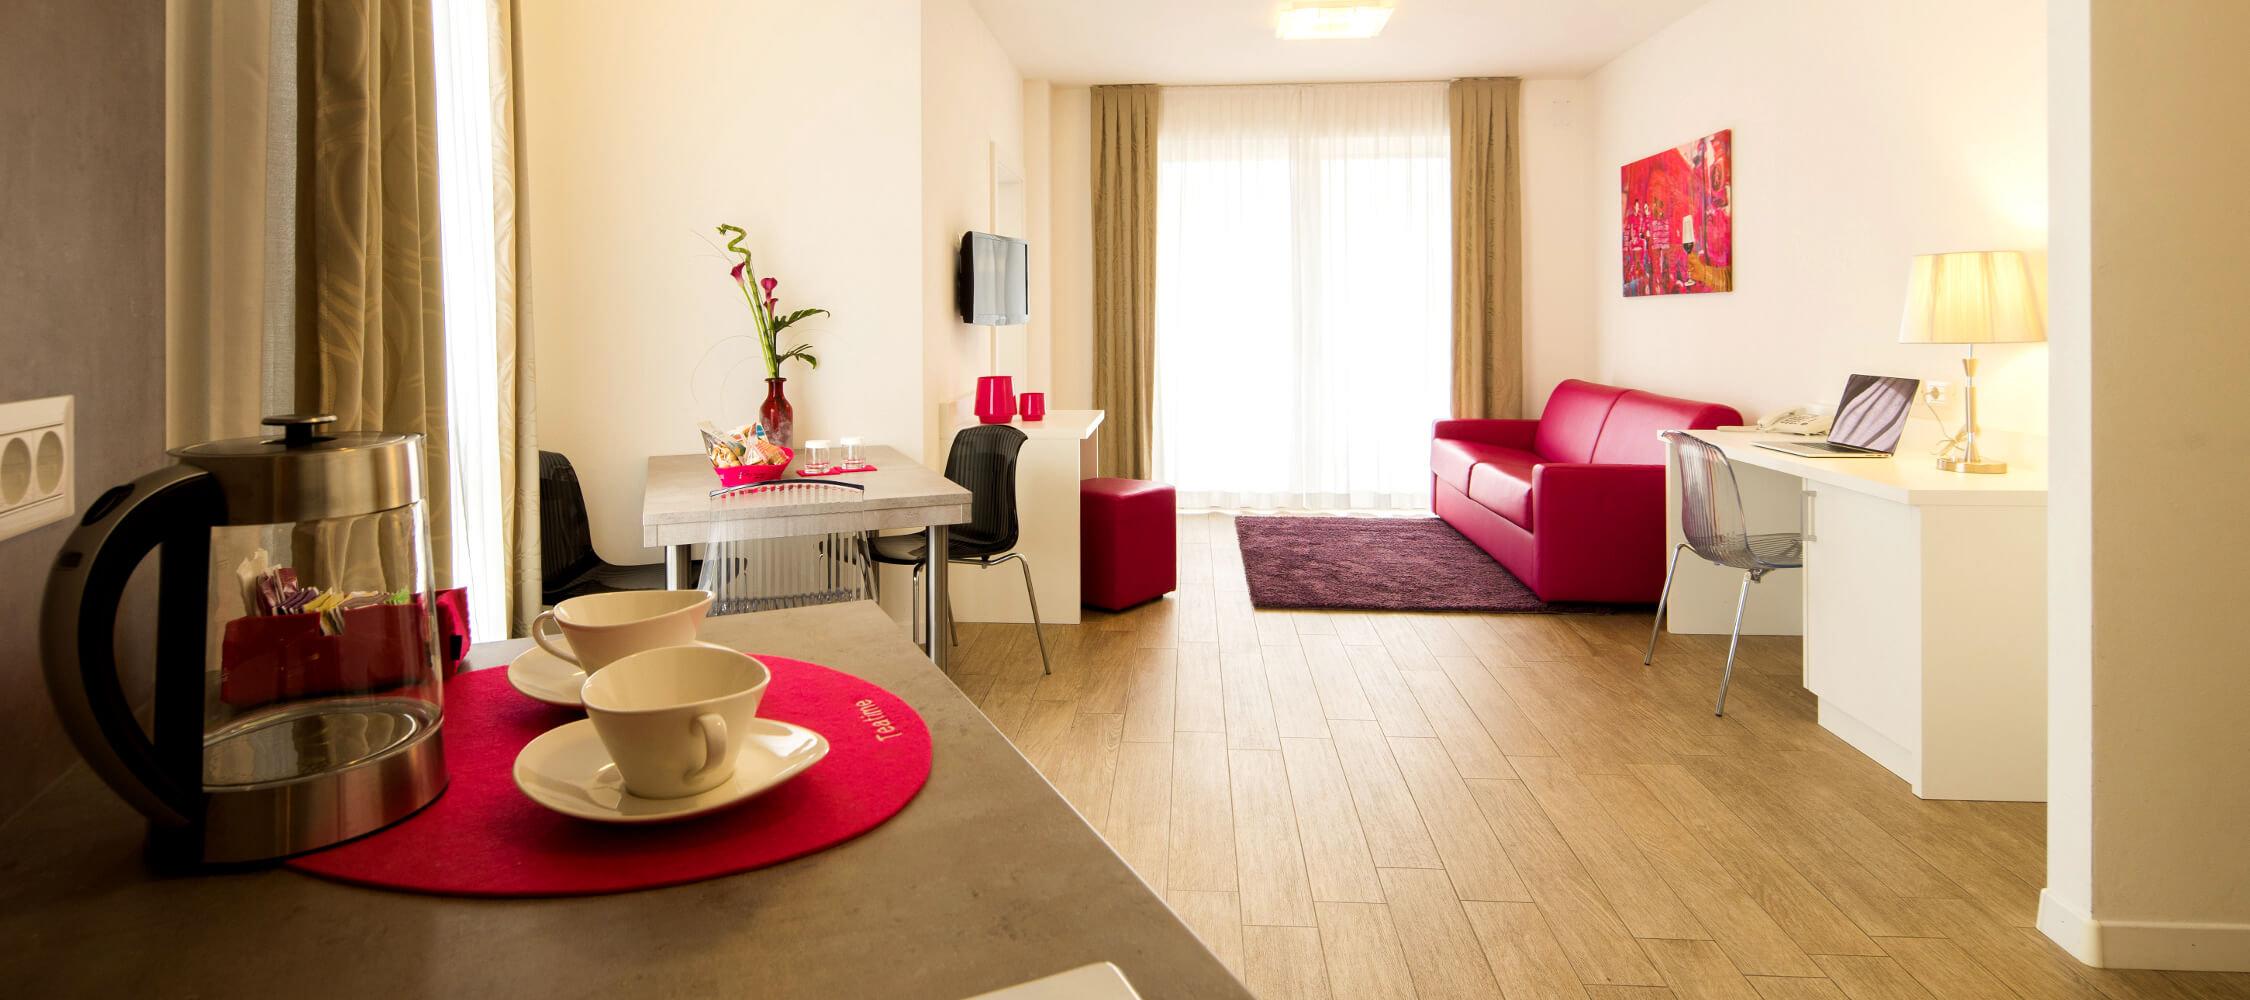 City Hotel Meran, City 3-Raum Suite, Wohnraum, Balkon, Sat-TV, Esstisch, Doppelschlafcouch